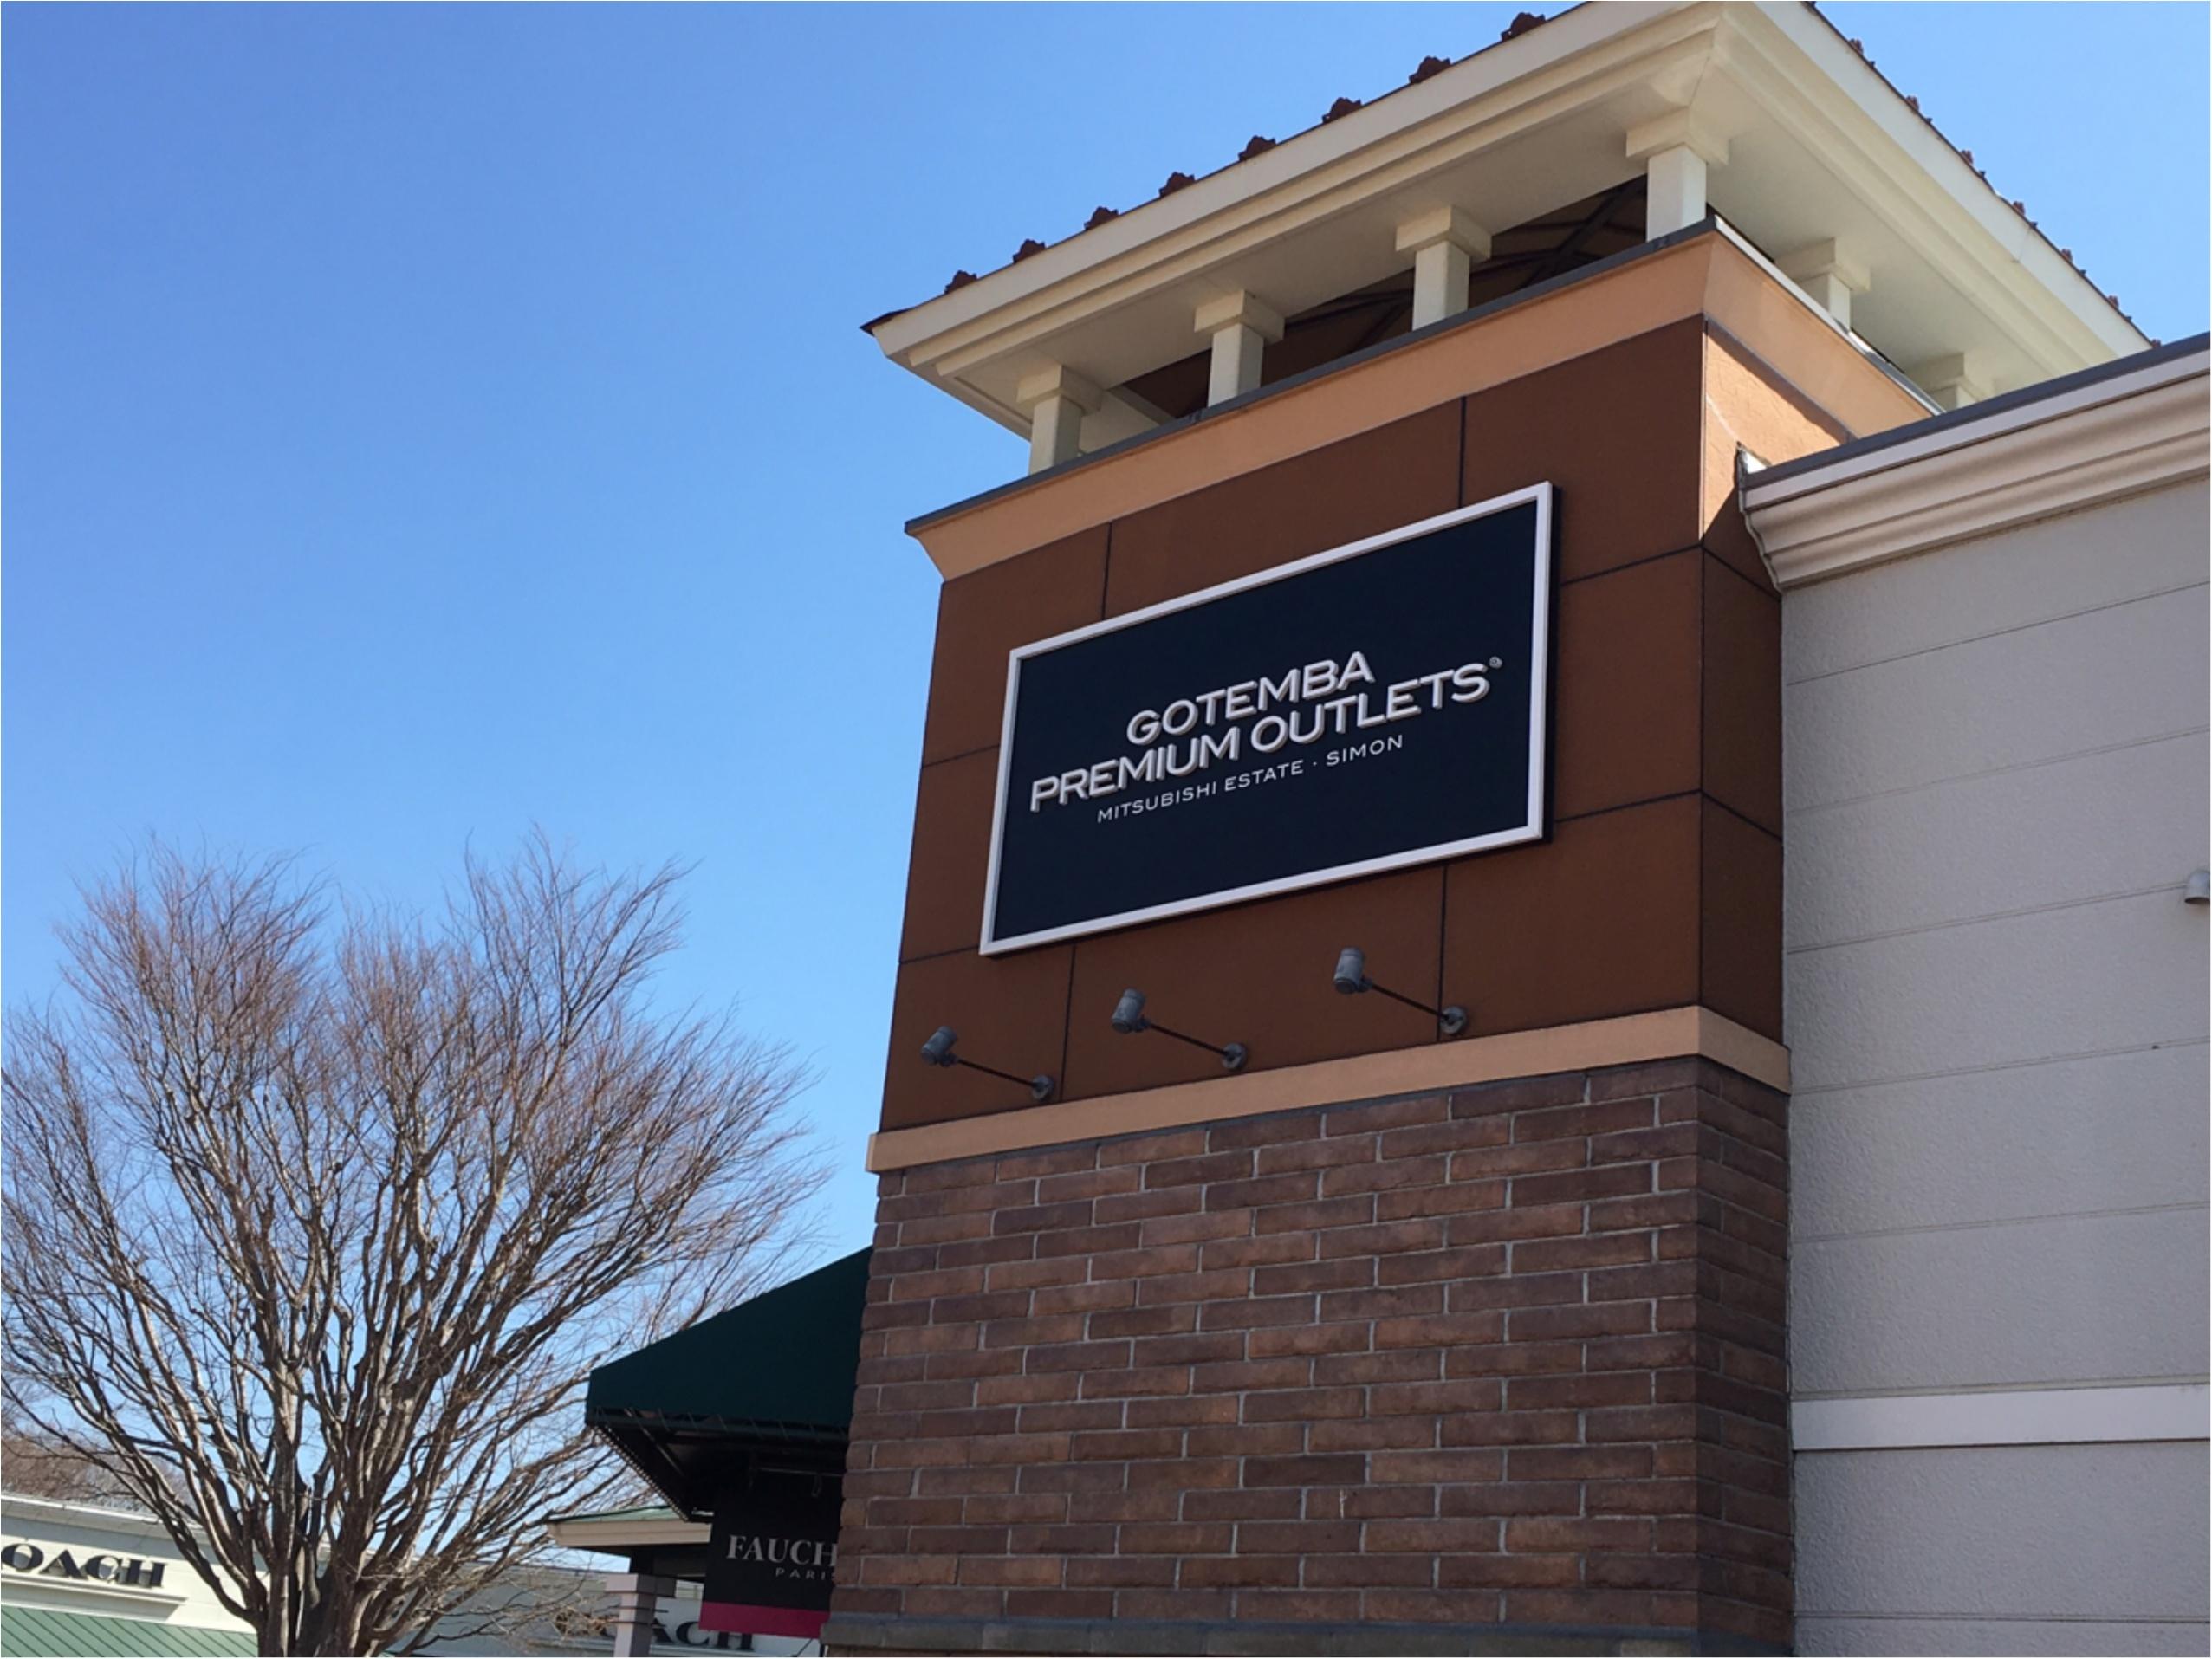 御殿場アウトレット❤︎日本最大級のお買い物テーマパークでコレ買っちゃいました!_1